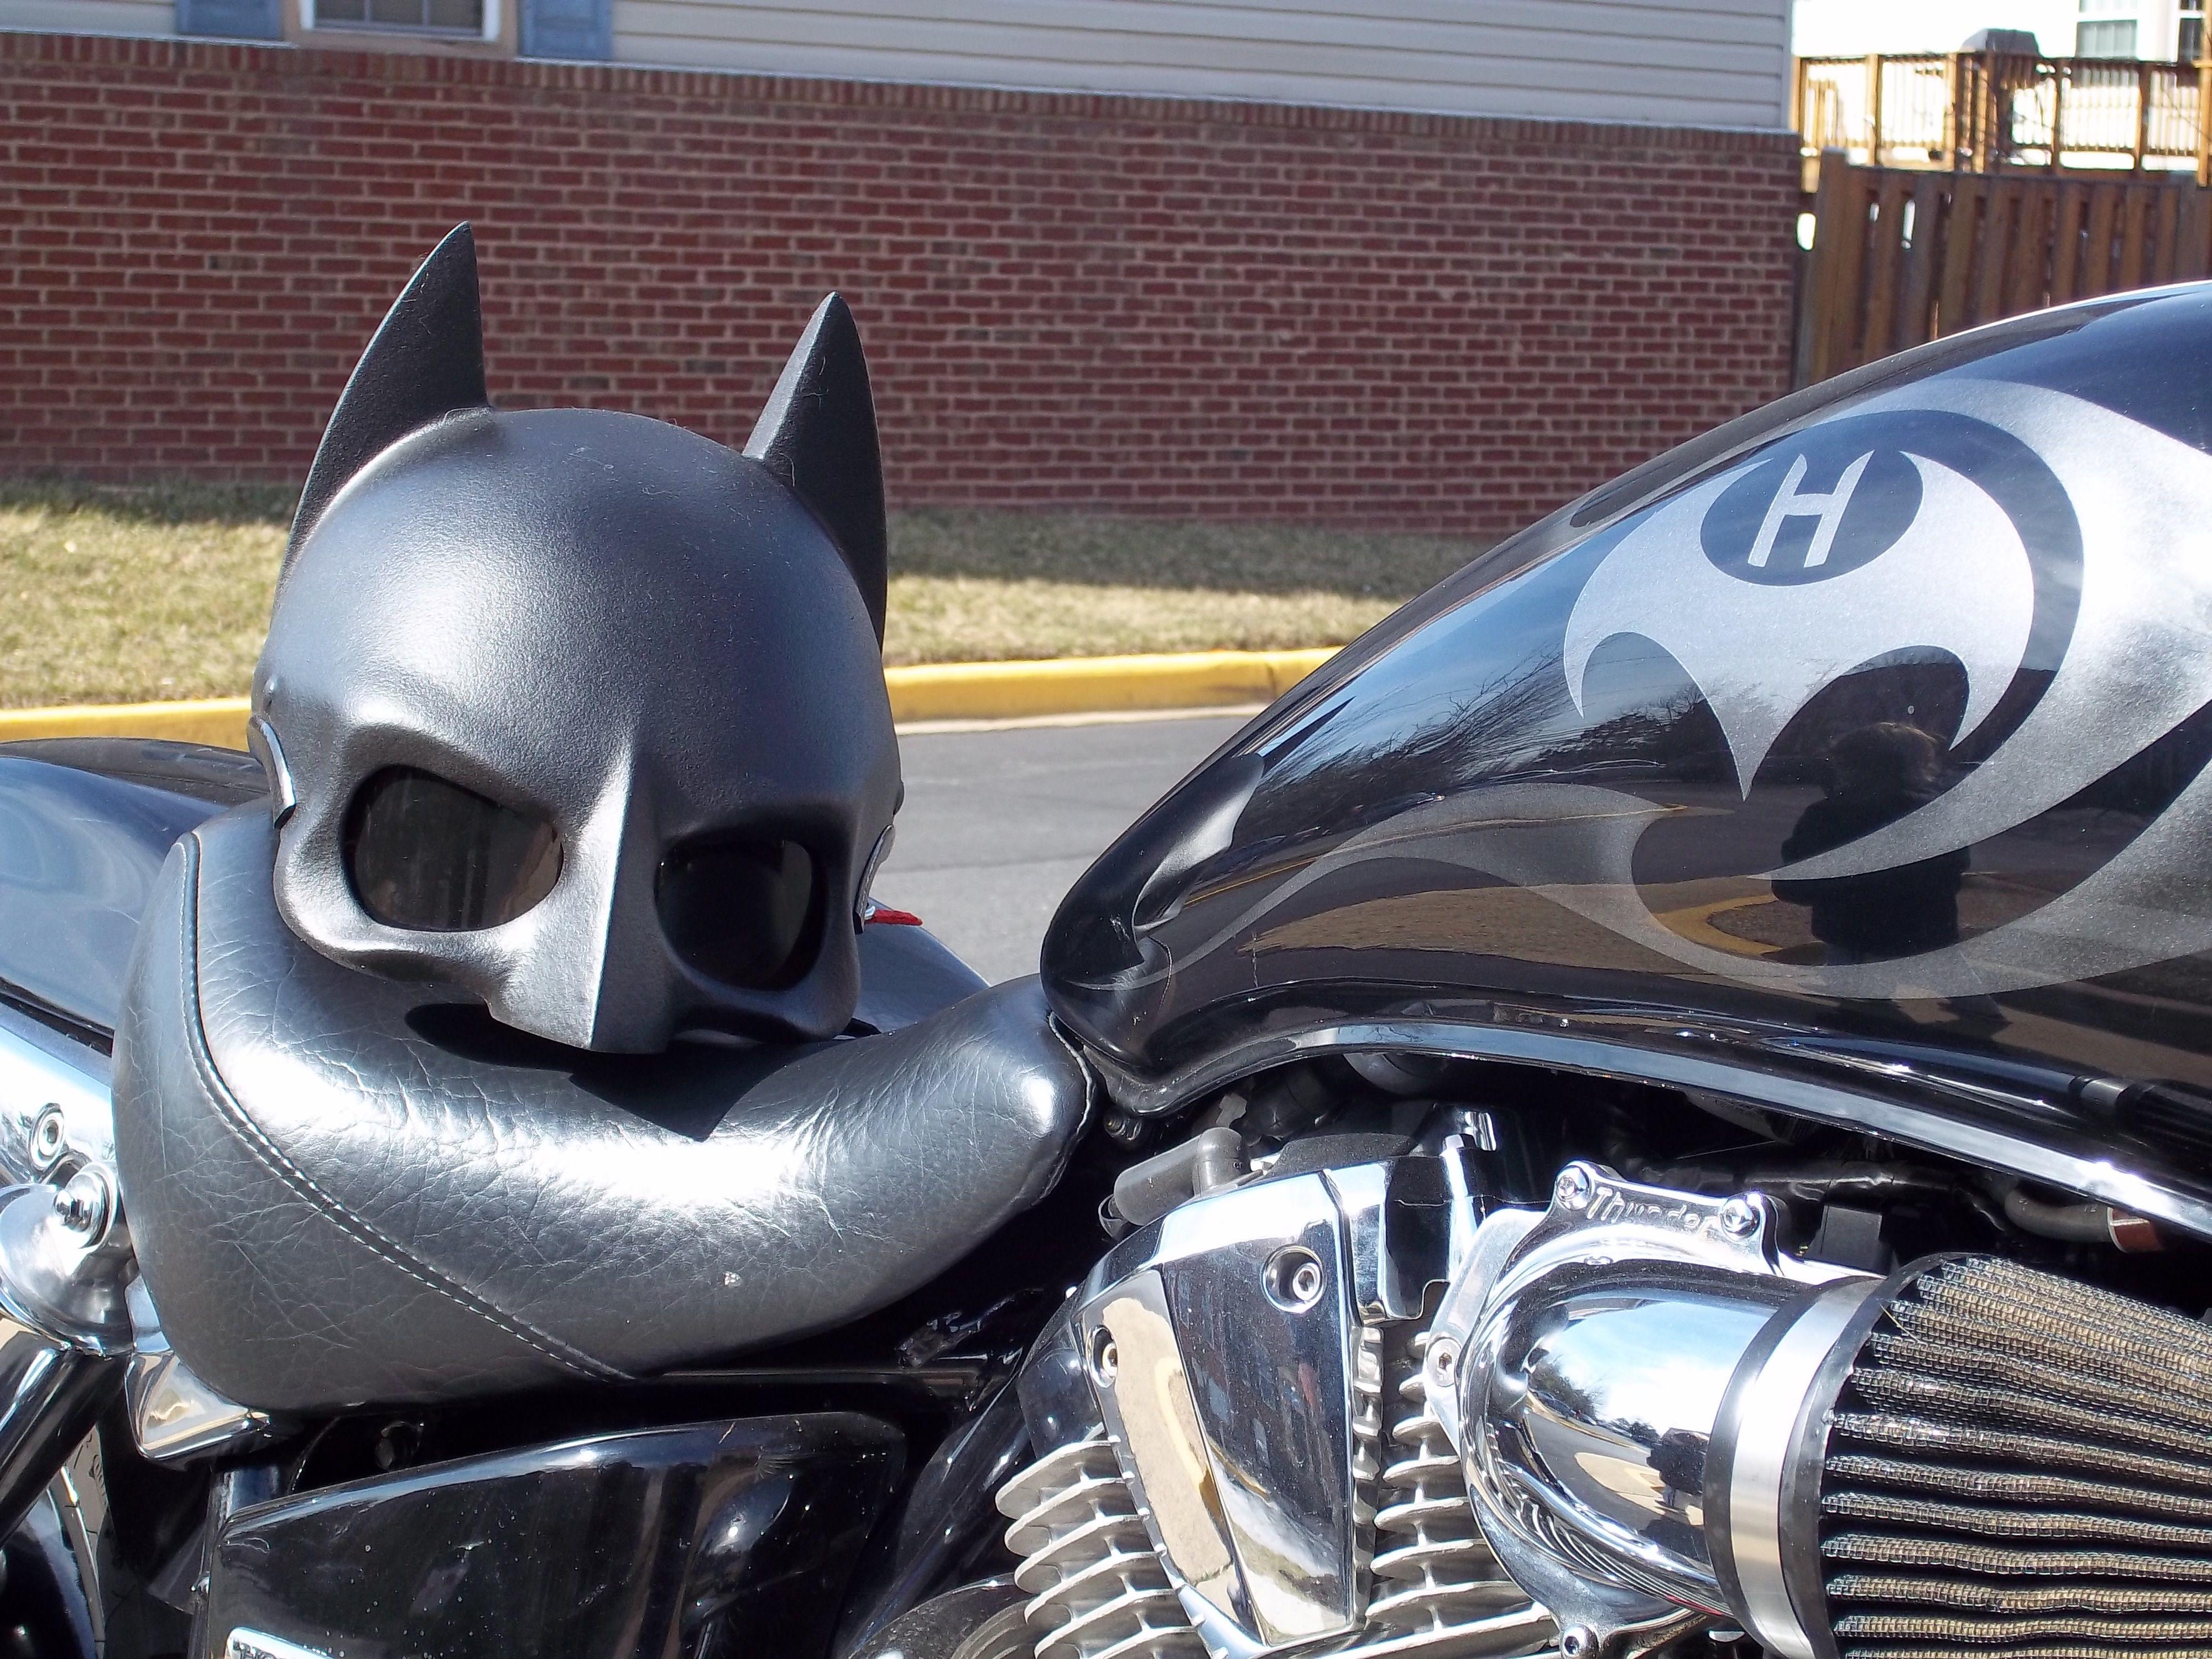 прикольные шлемы для мотоциклов фото ермолаева пока готова